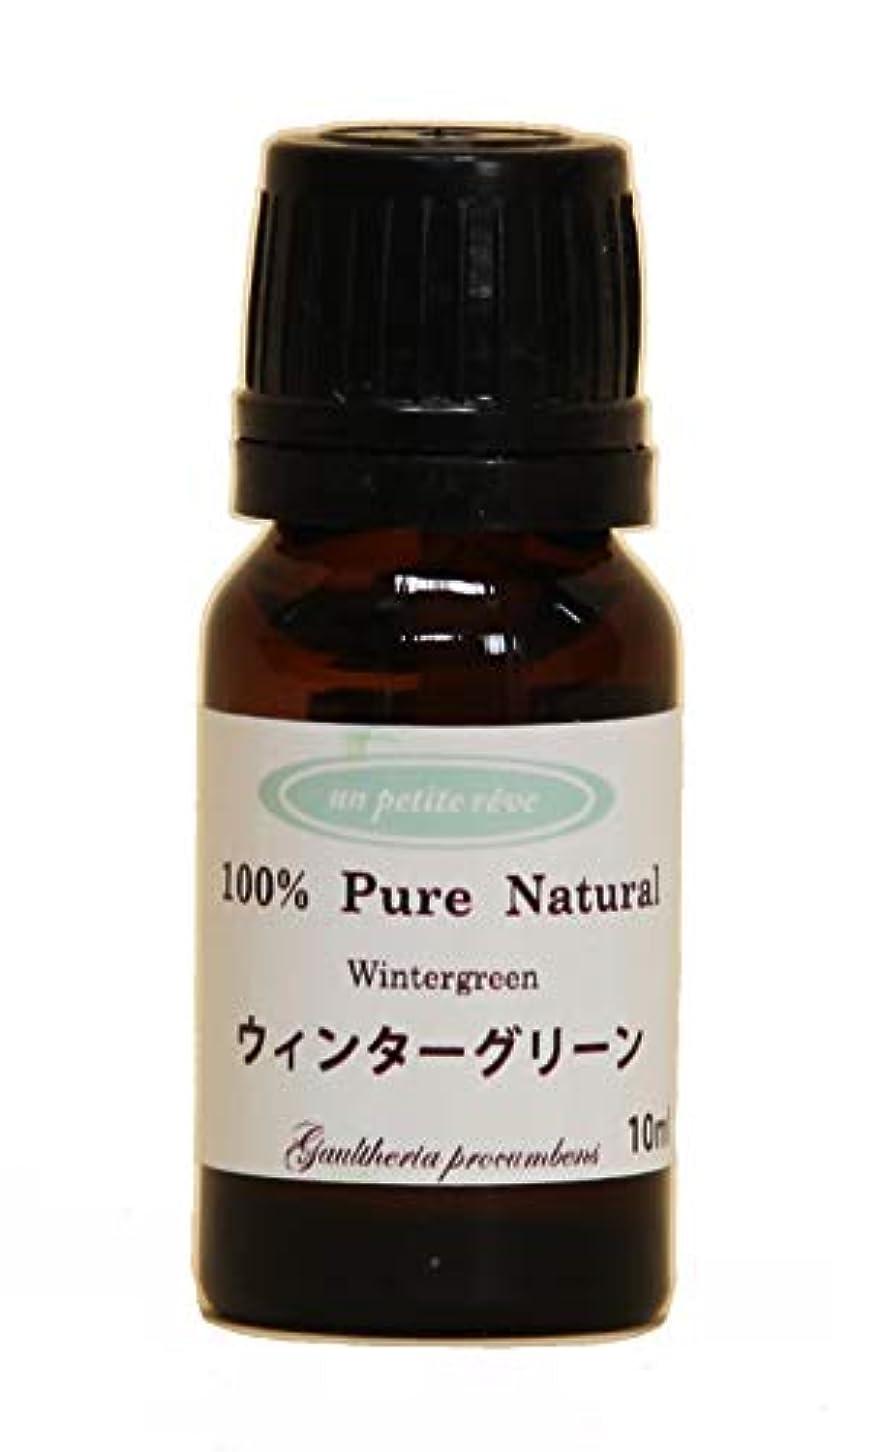 姉妹ずっと悪性ウィンターグリーン  10ml 100%天然アロマエッセンシャルオイル(精油)